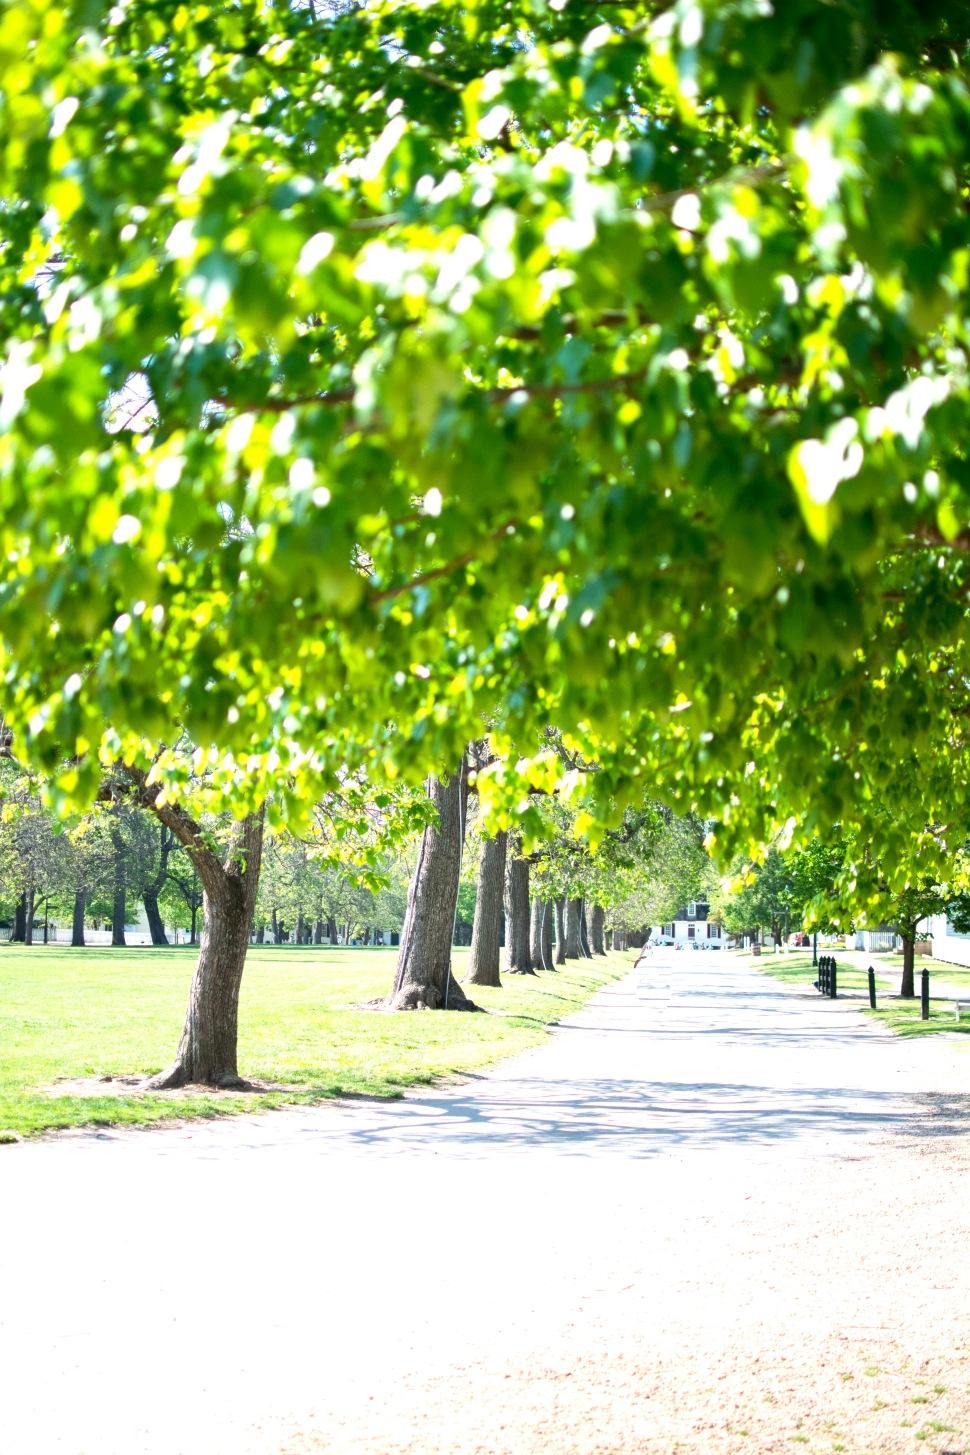 williamsburg-street-trees-rs